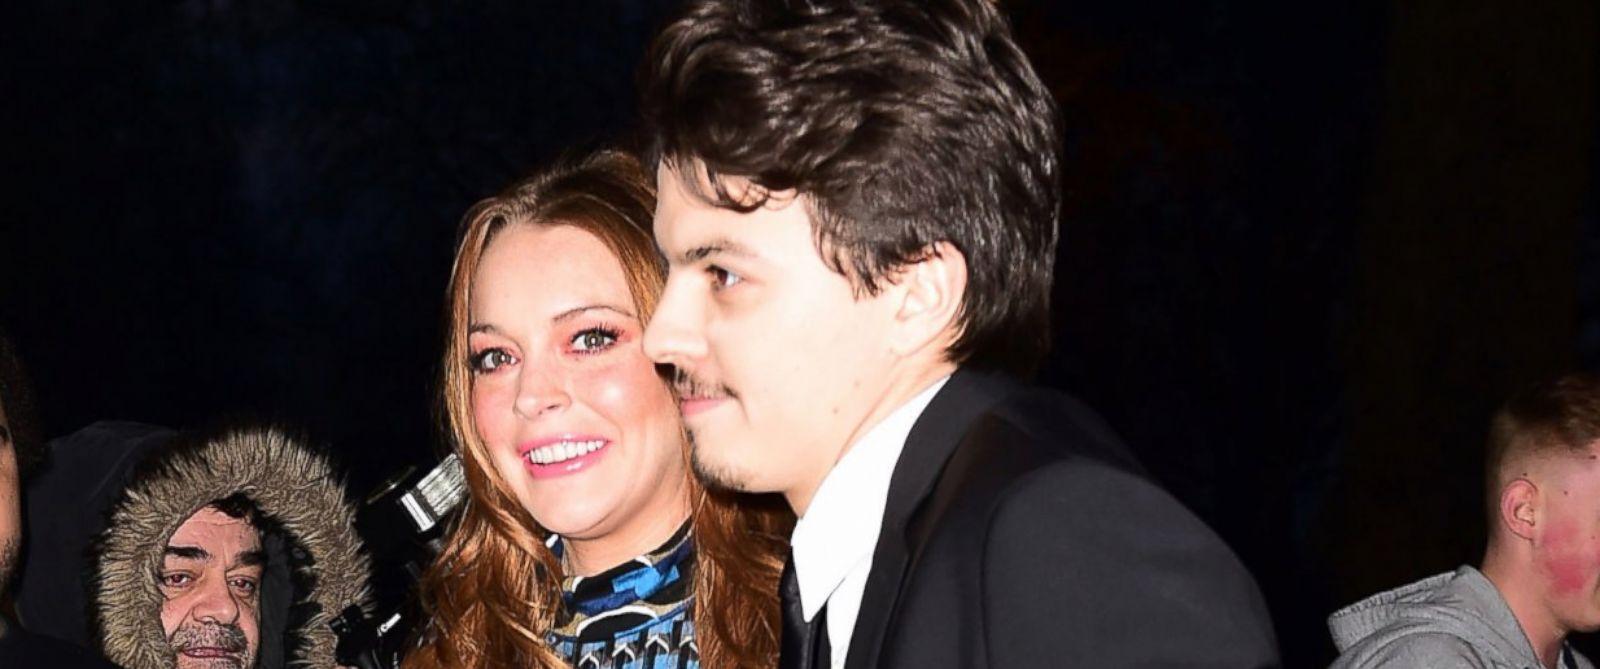 Lindsay Lohan and Igor Tarabasov